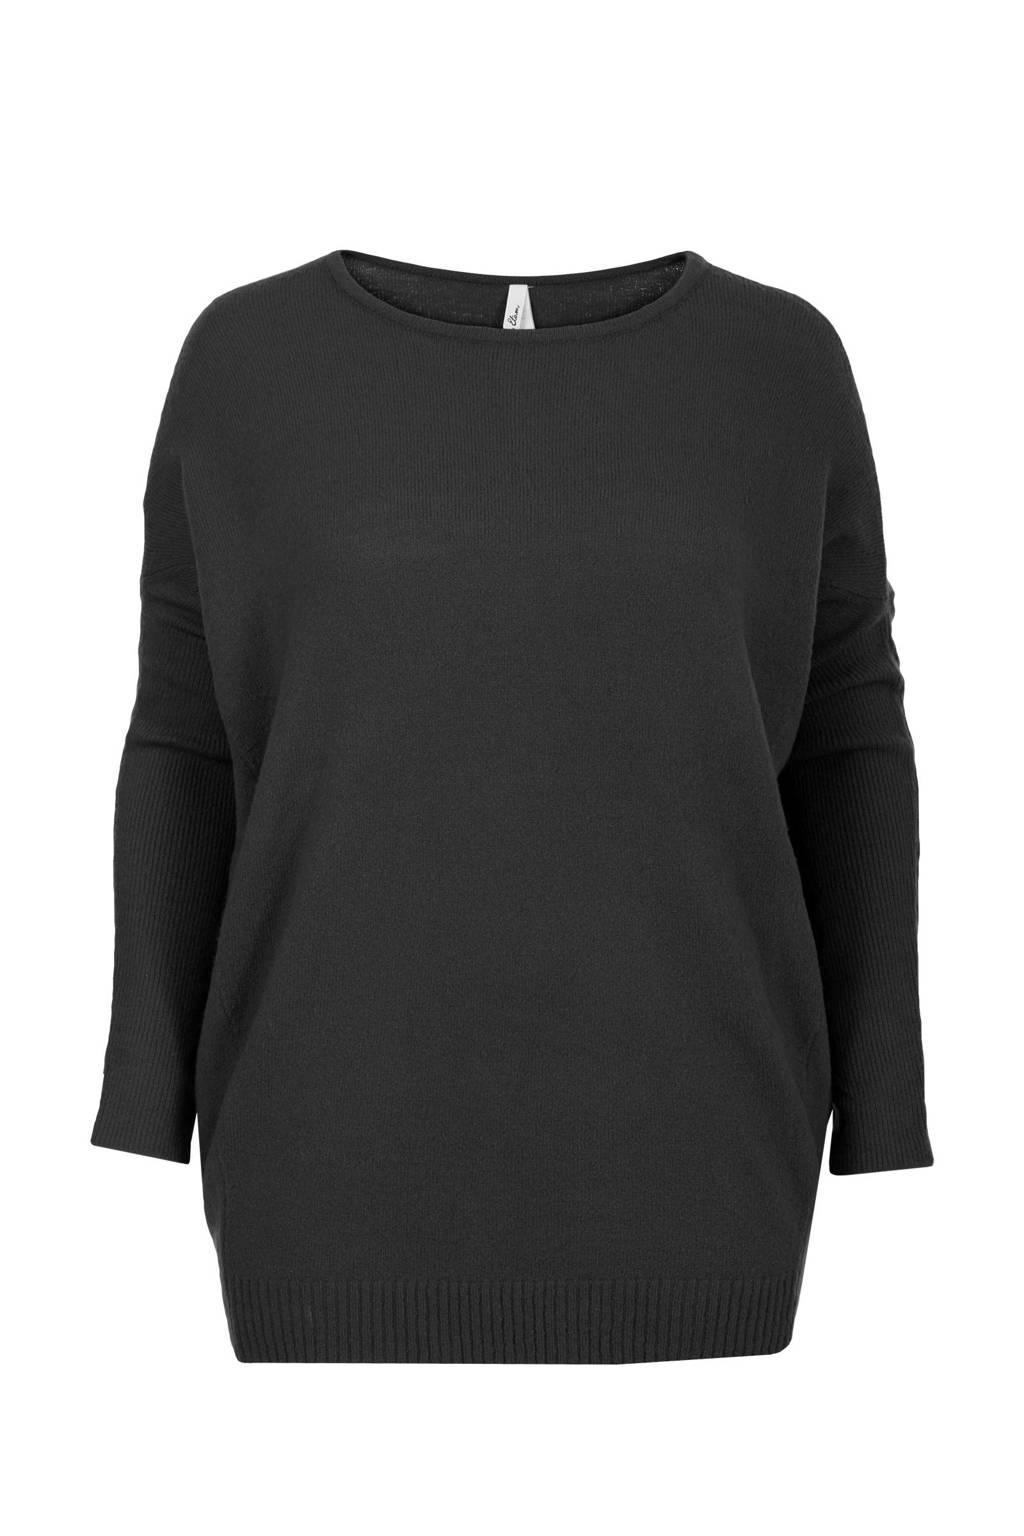 Miss Etam Plus trui zwart, Zwart